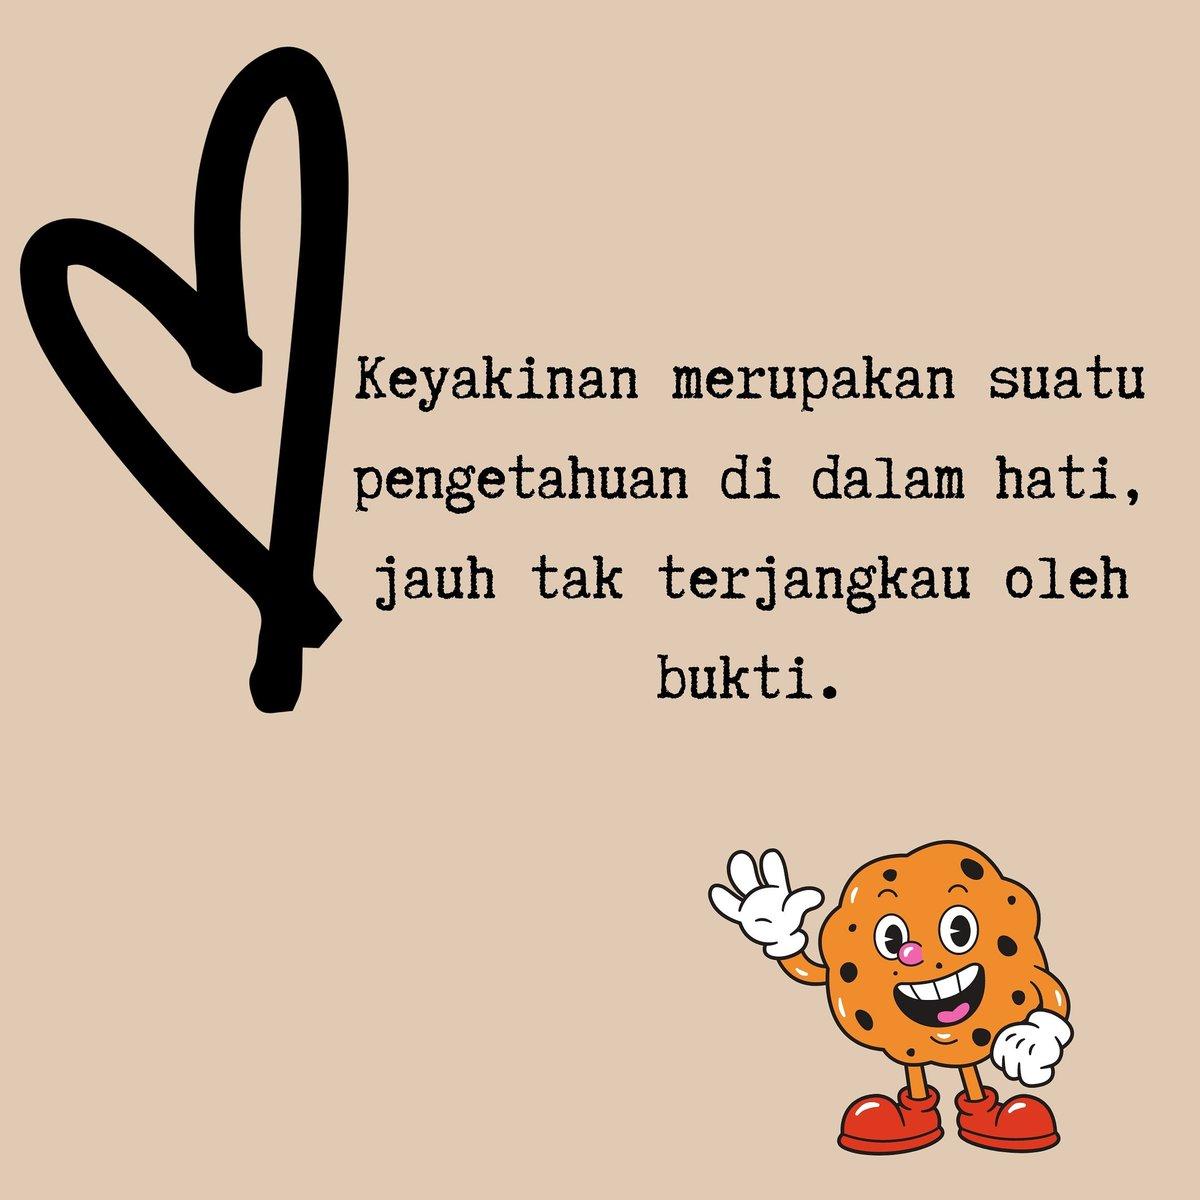 Keyakinan merupakan suatu pengetahuan di dalam hati, jauh tak terjangkau oleh bukti.  #quote #fiersabesari #quotes #quotesindonesia #quotesoftheday https://t.co/9Kwy4SUs7c